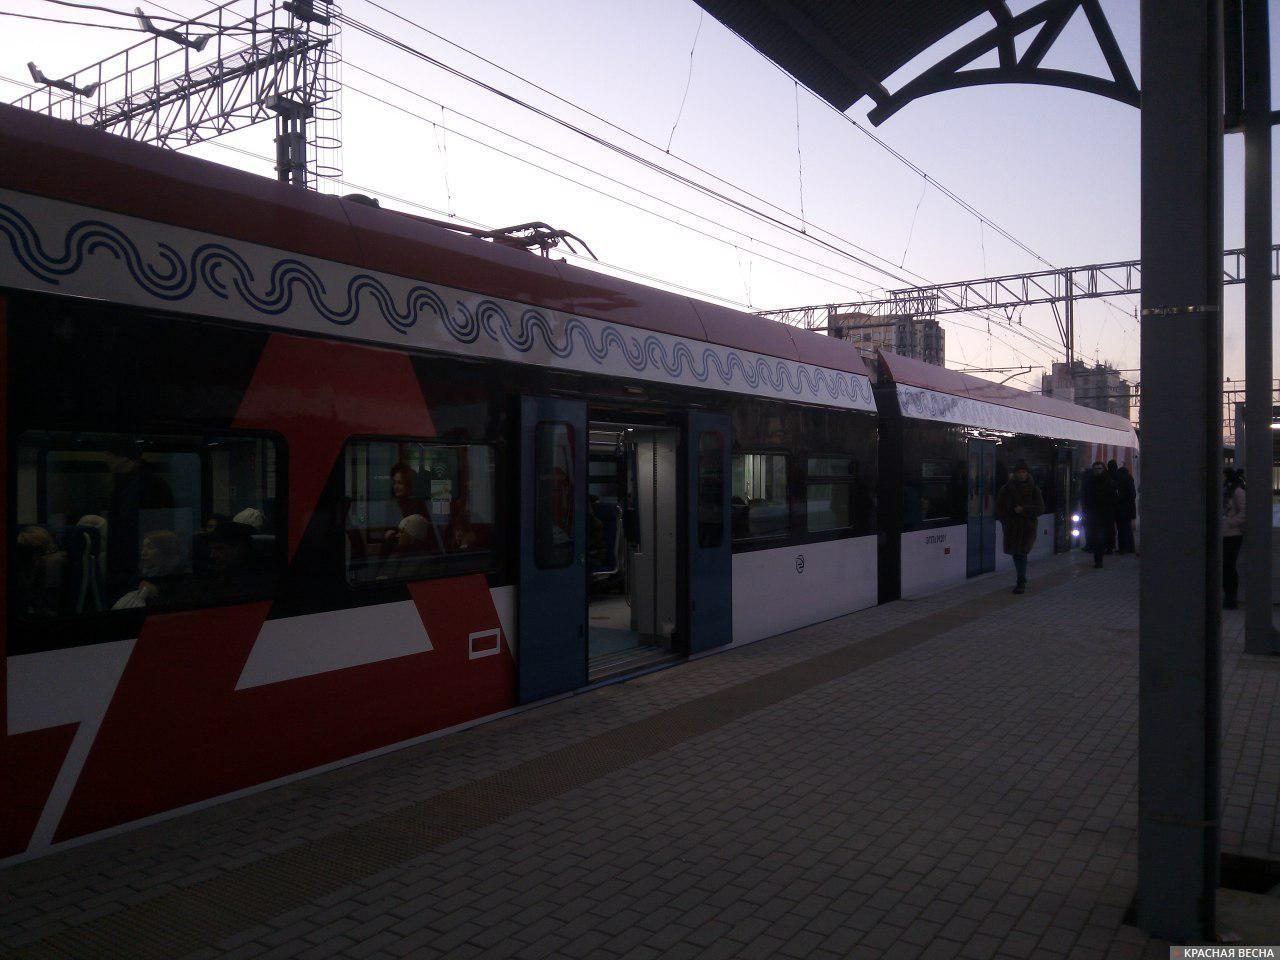 Посадка пассажиров на поезд МЦД